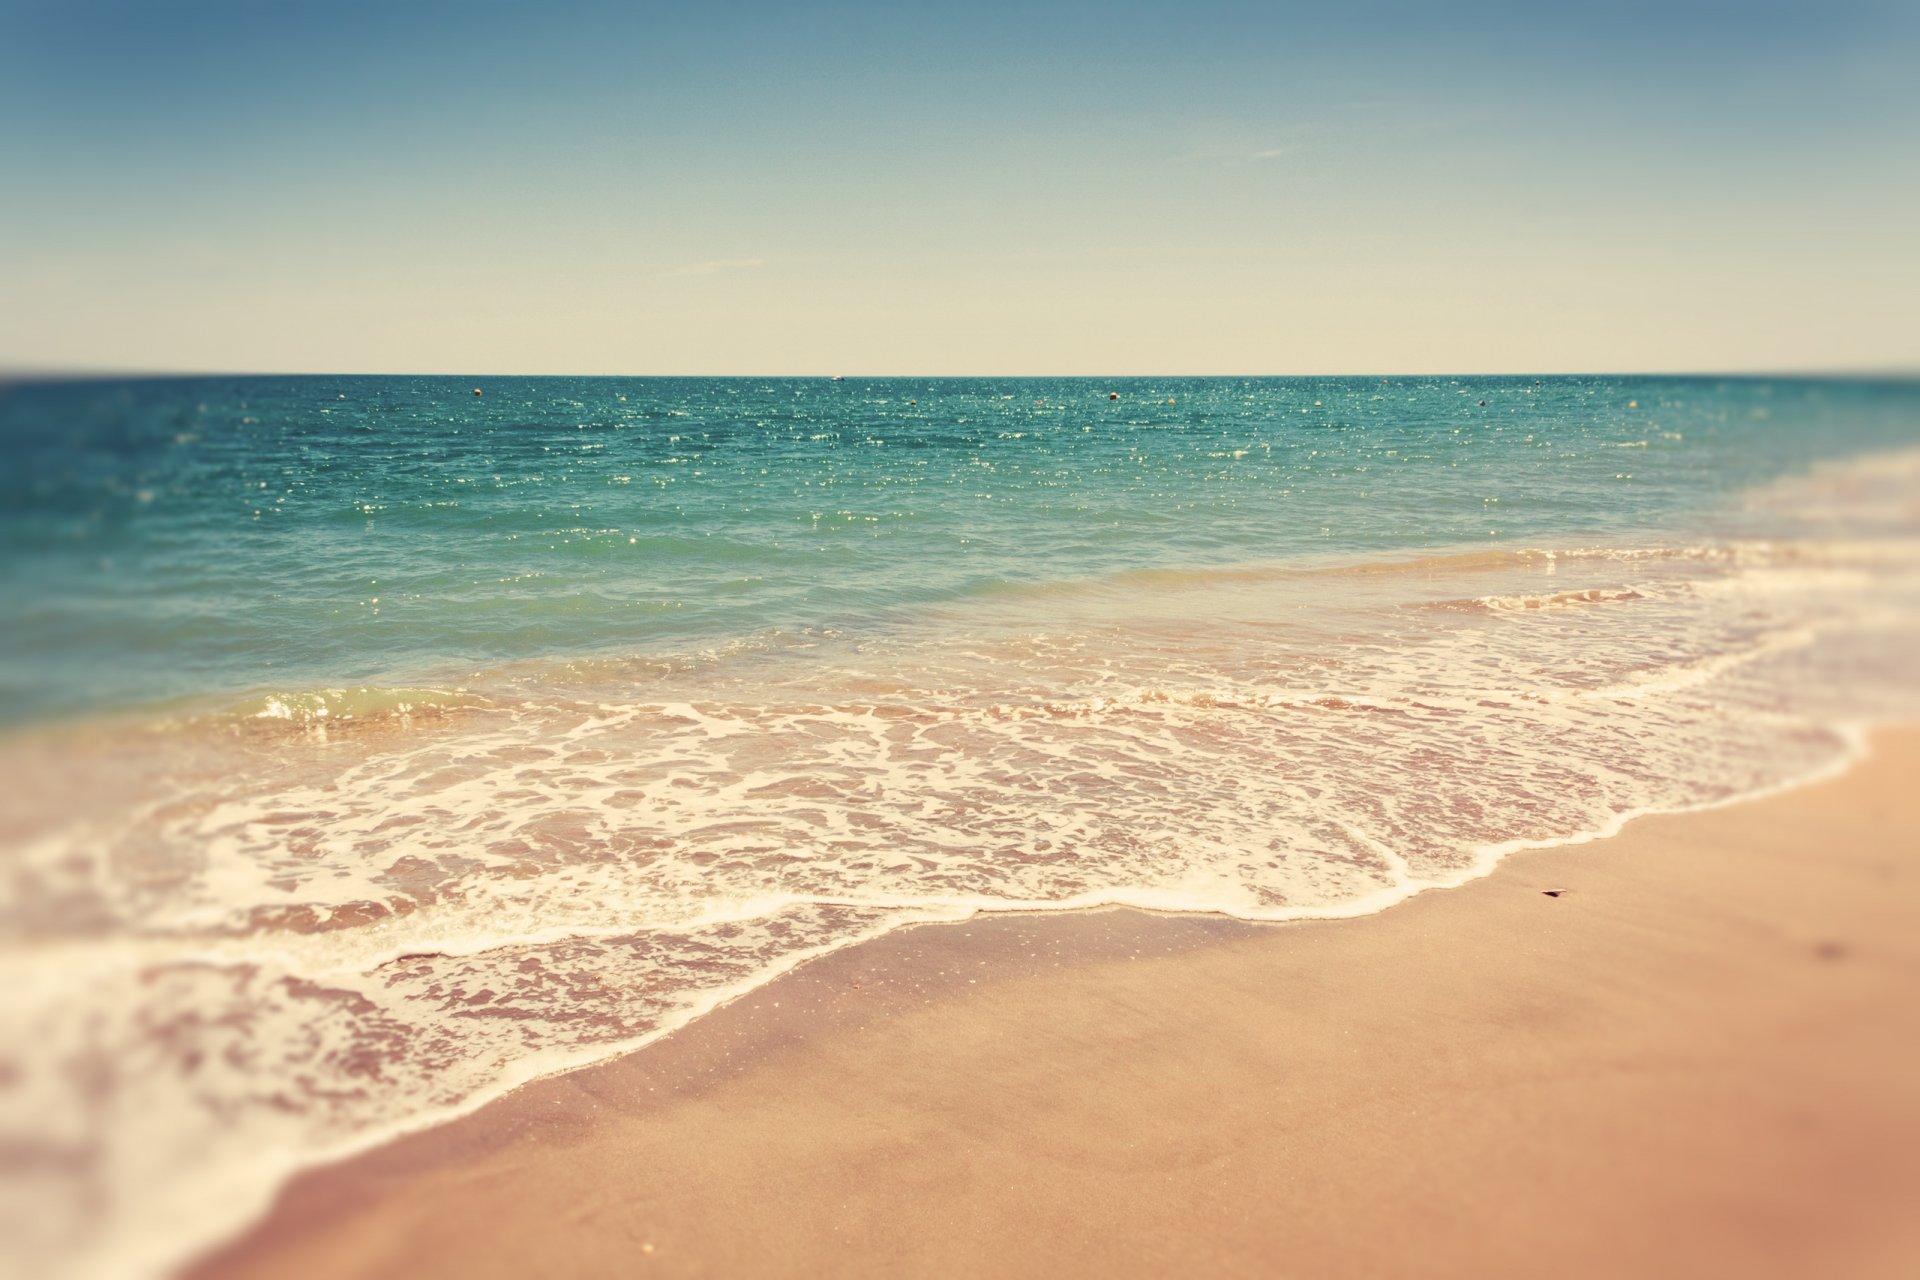 Картинки лето море солнце пляж крым, красивая